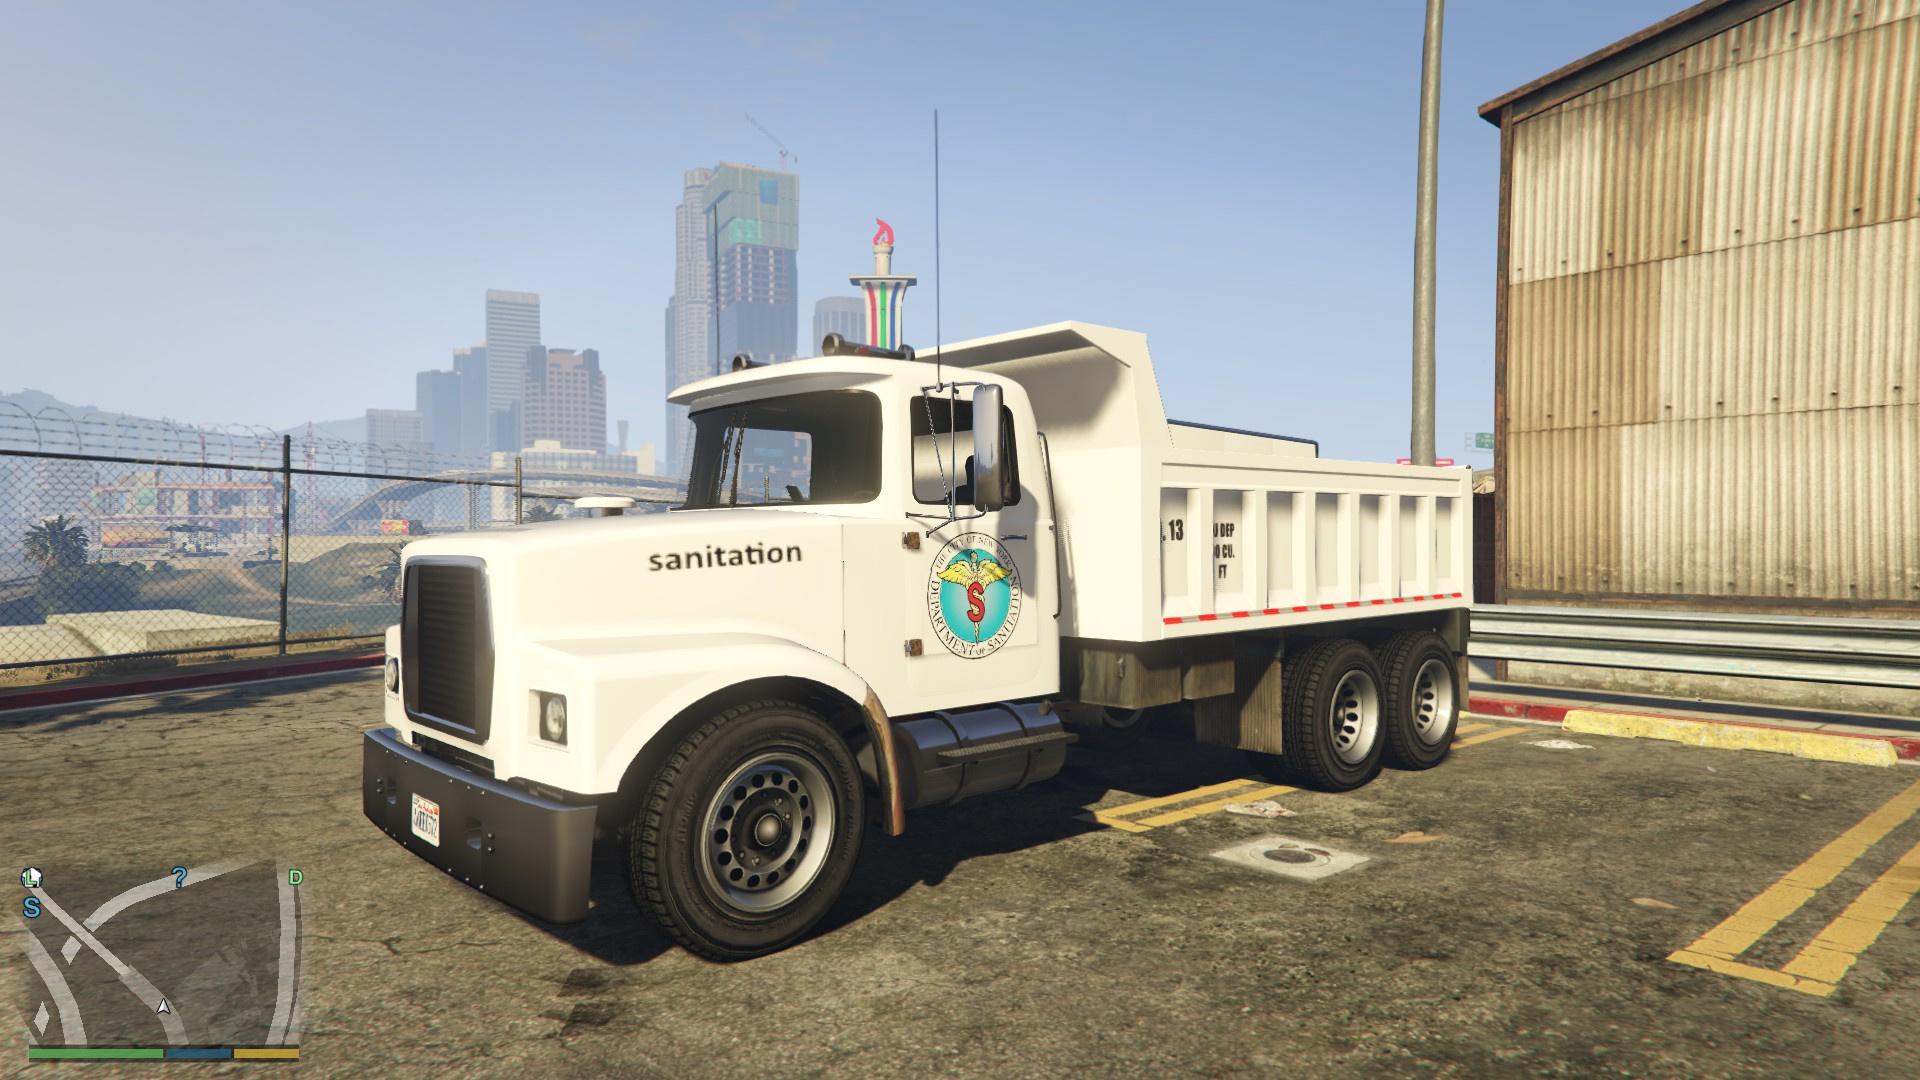 Gta dump truck